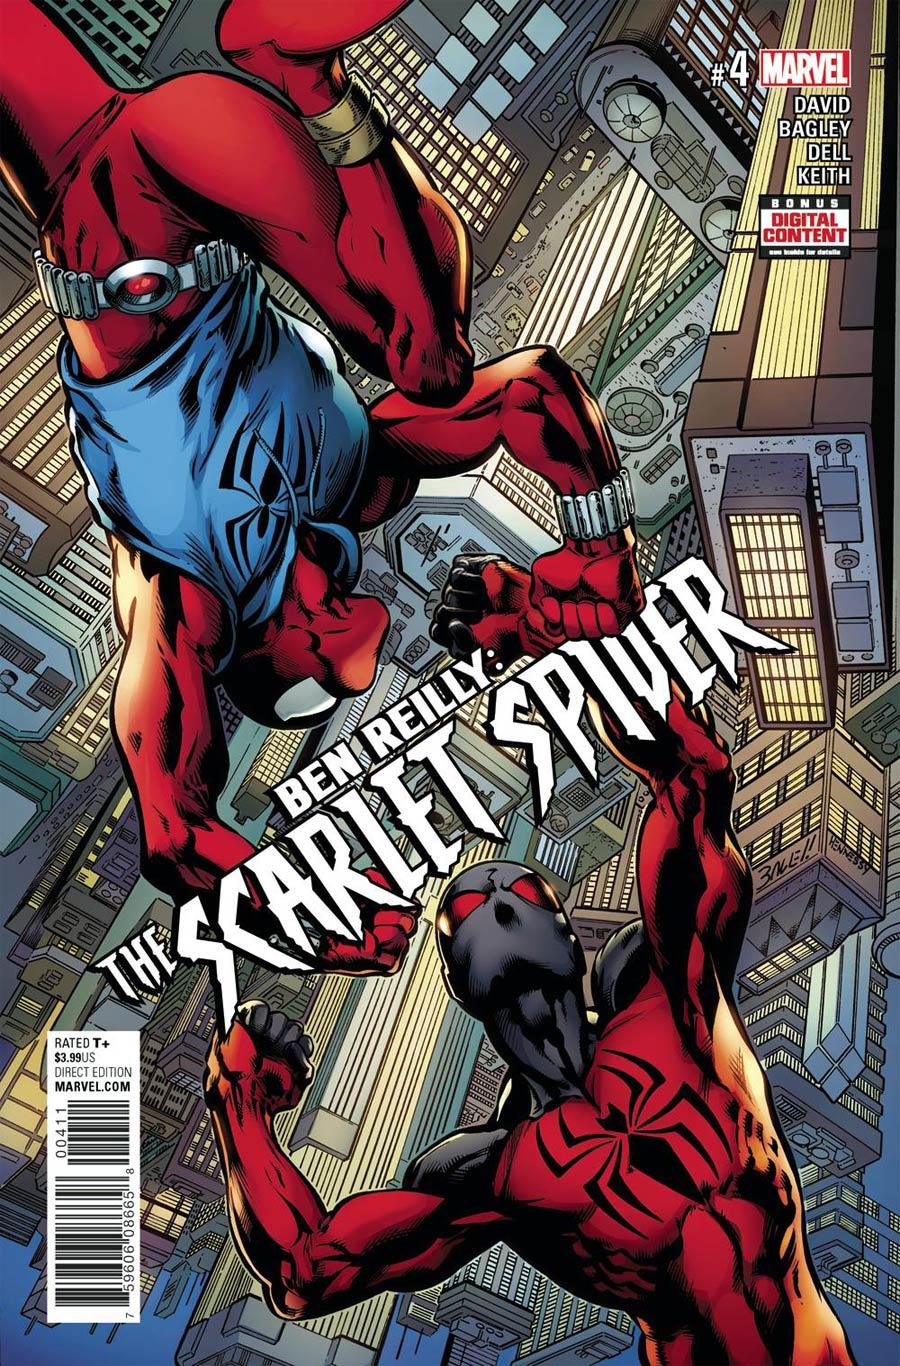 Ben Reilly The Scarlet Spider #4